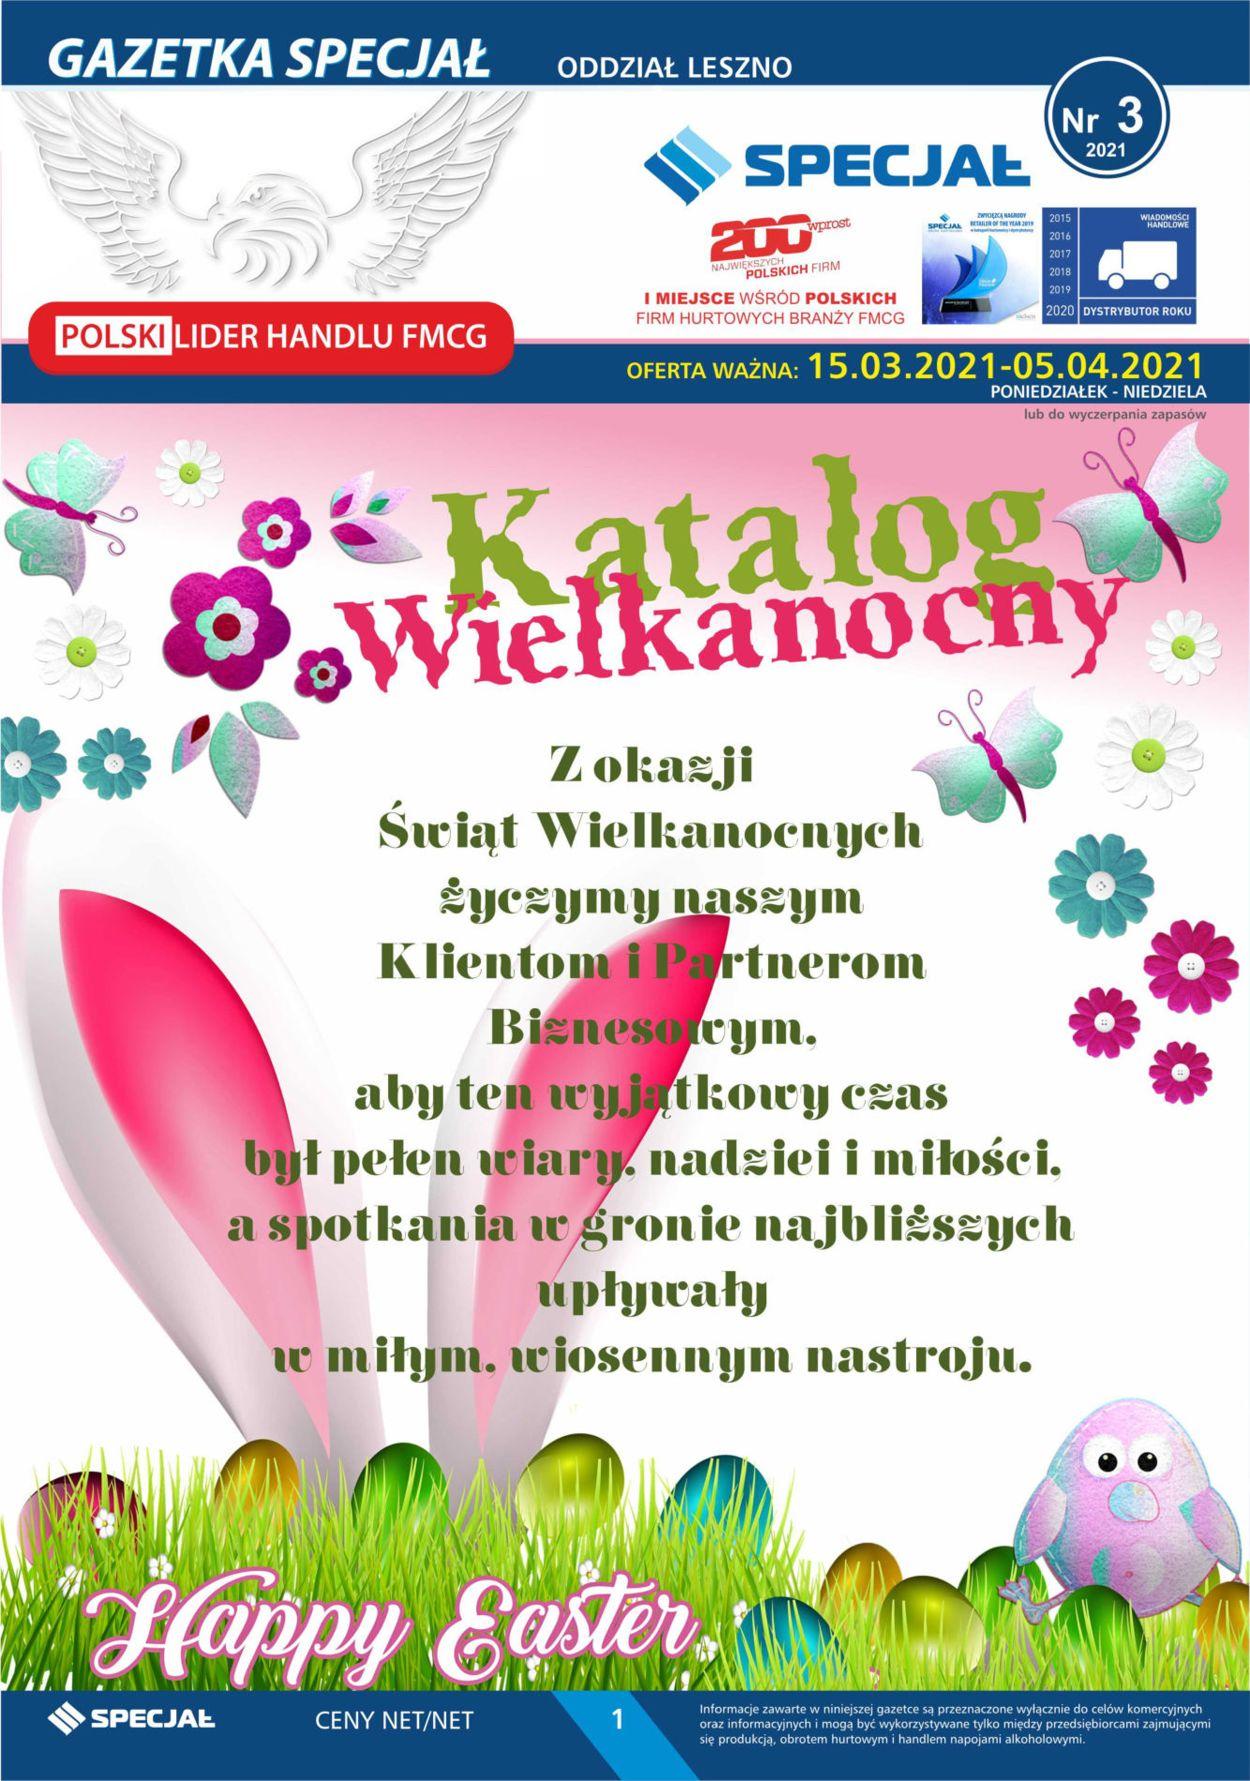 Gazetka promocyjna Specjał Katalog Wielkanocny 2021 - Oddział Leszno - 15.03-05.04.2021